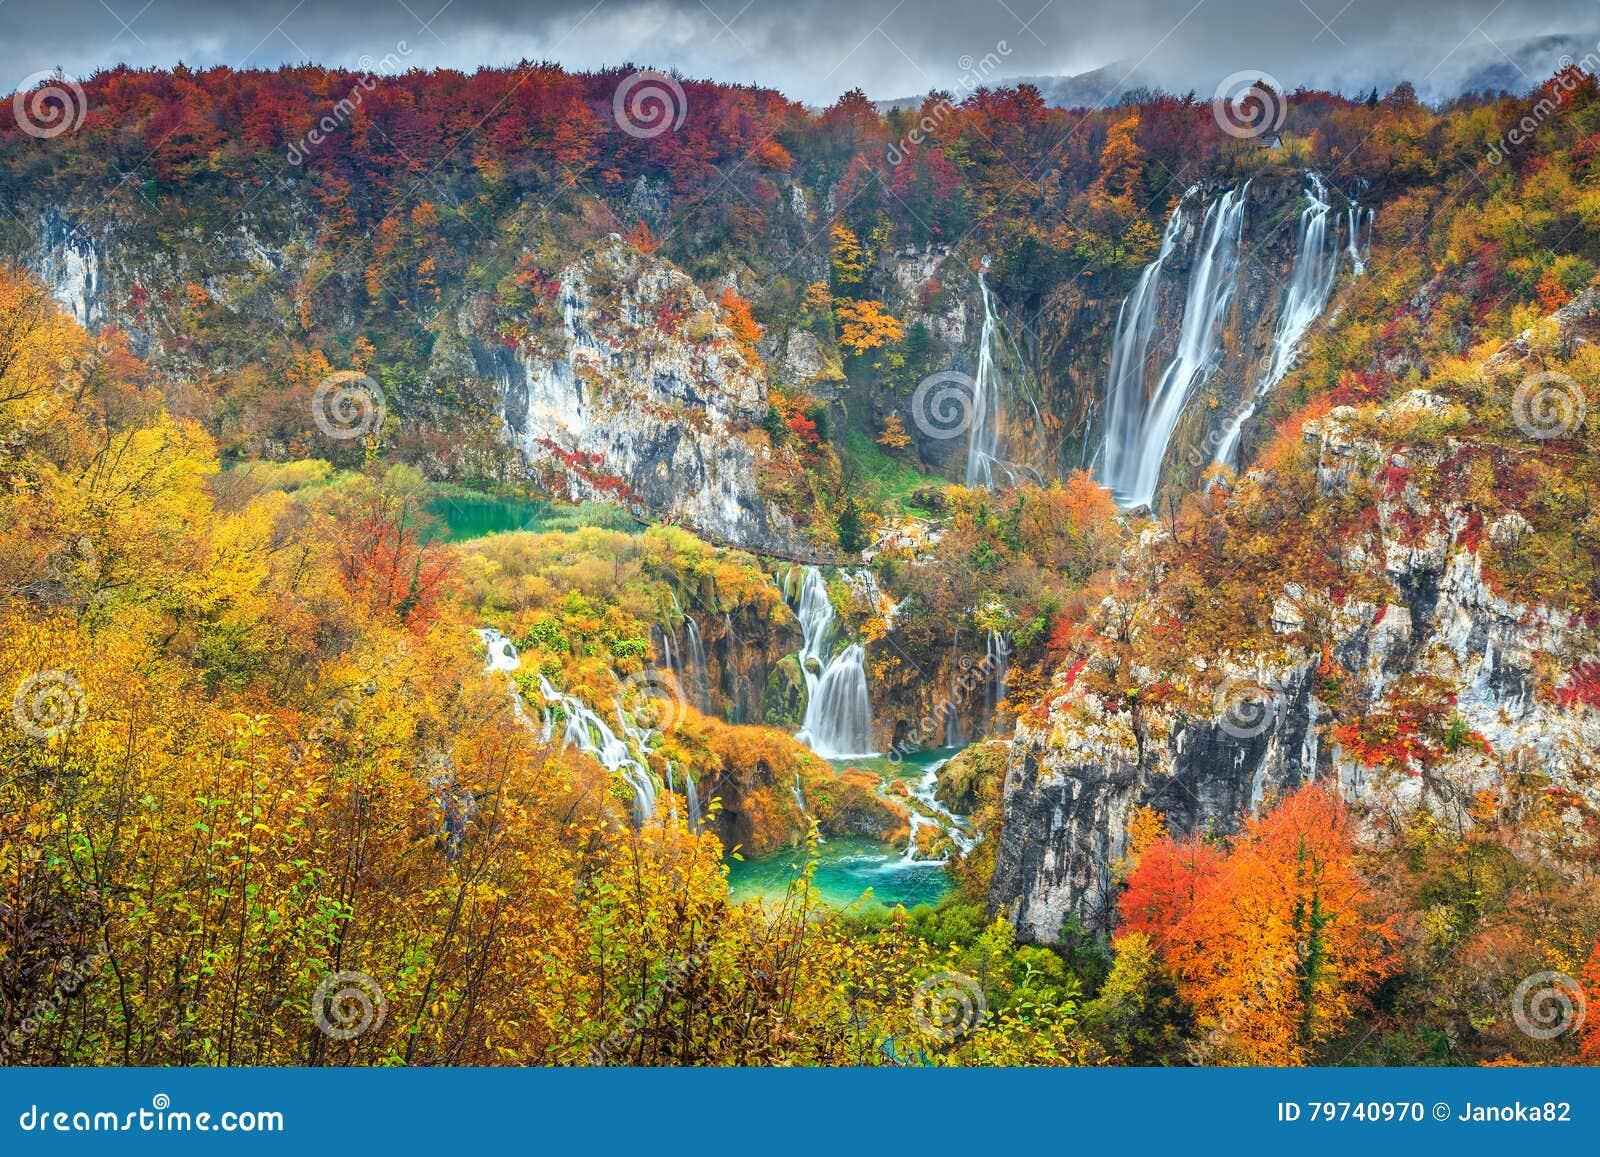 Θεαματικό τοπίο φθινοπώρου με τους μαγικούς καταρράκτες στις λίμνες Plitvice, Κροατία